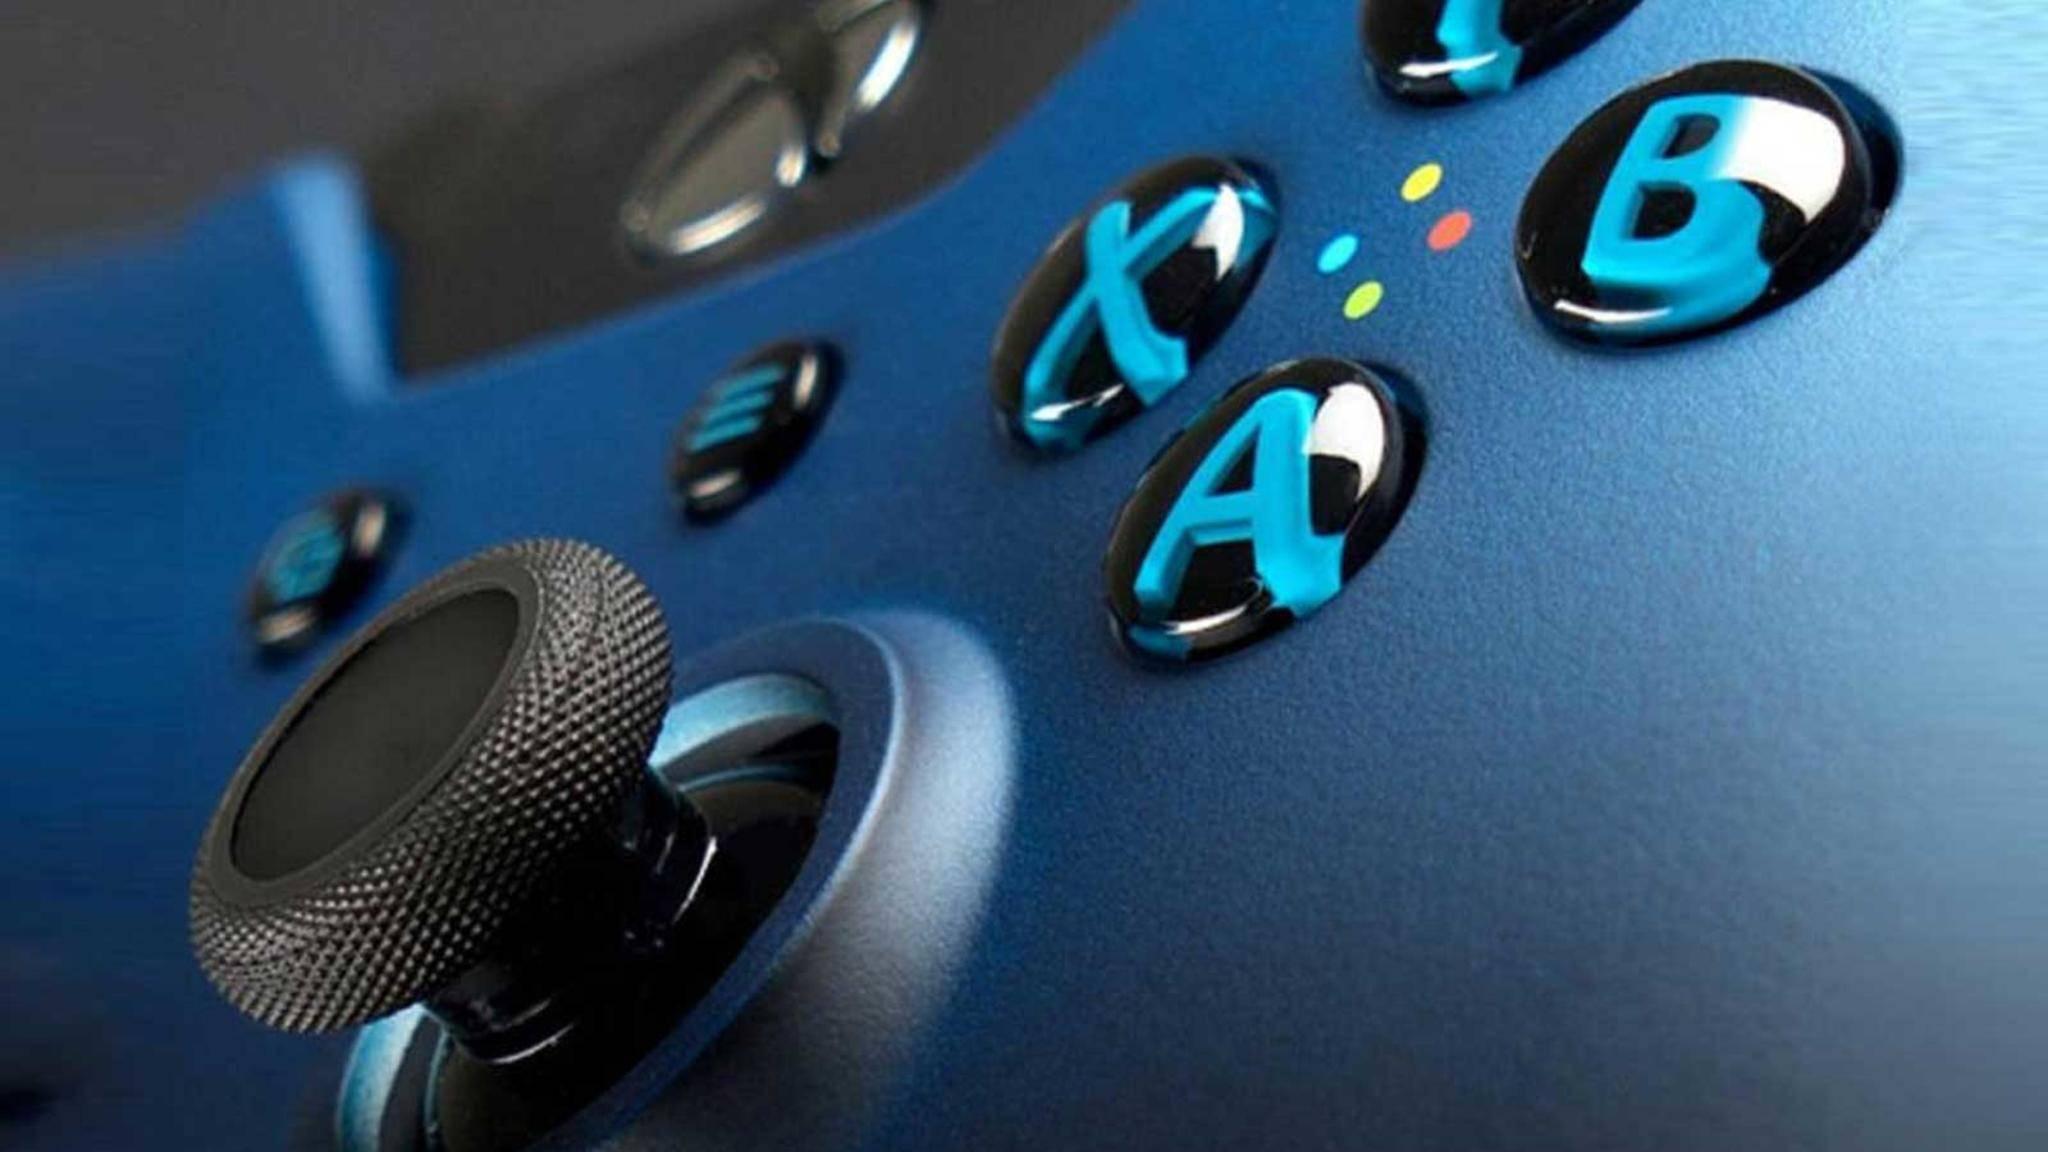 Die verantwortlichen Microsoft-Entwickler für abwärtskompatible Spiele auf der Xbox One gehen in die Weihnachtspause.